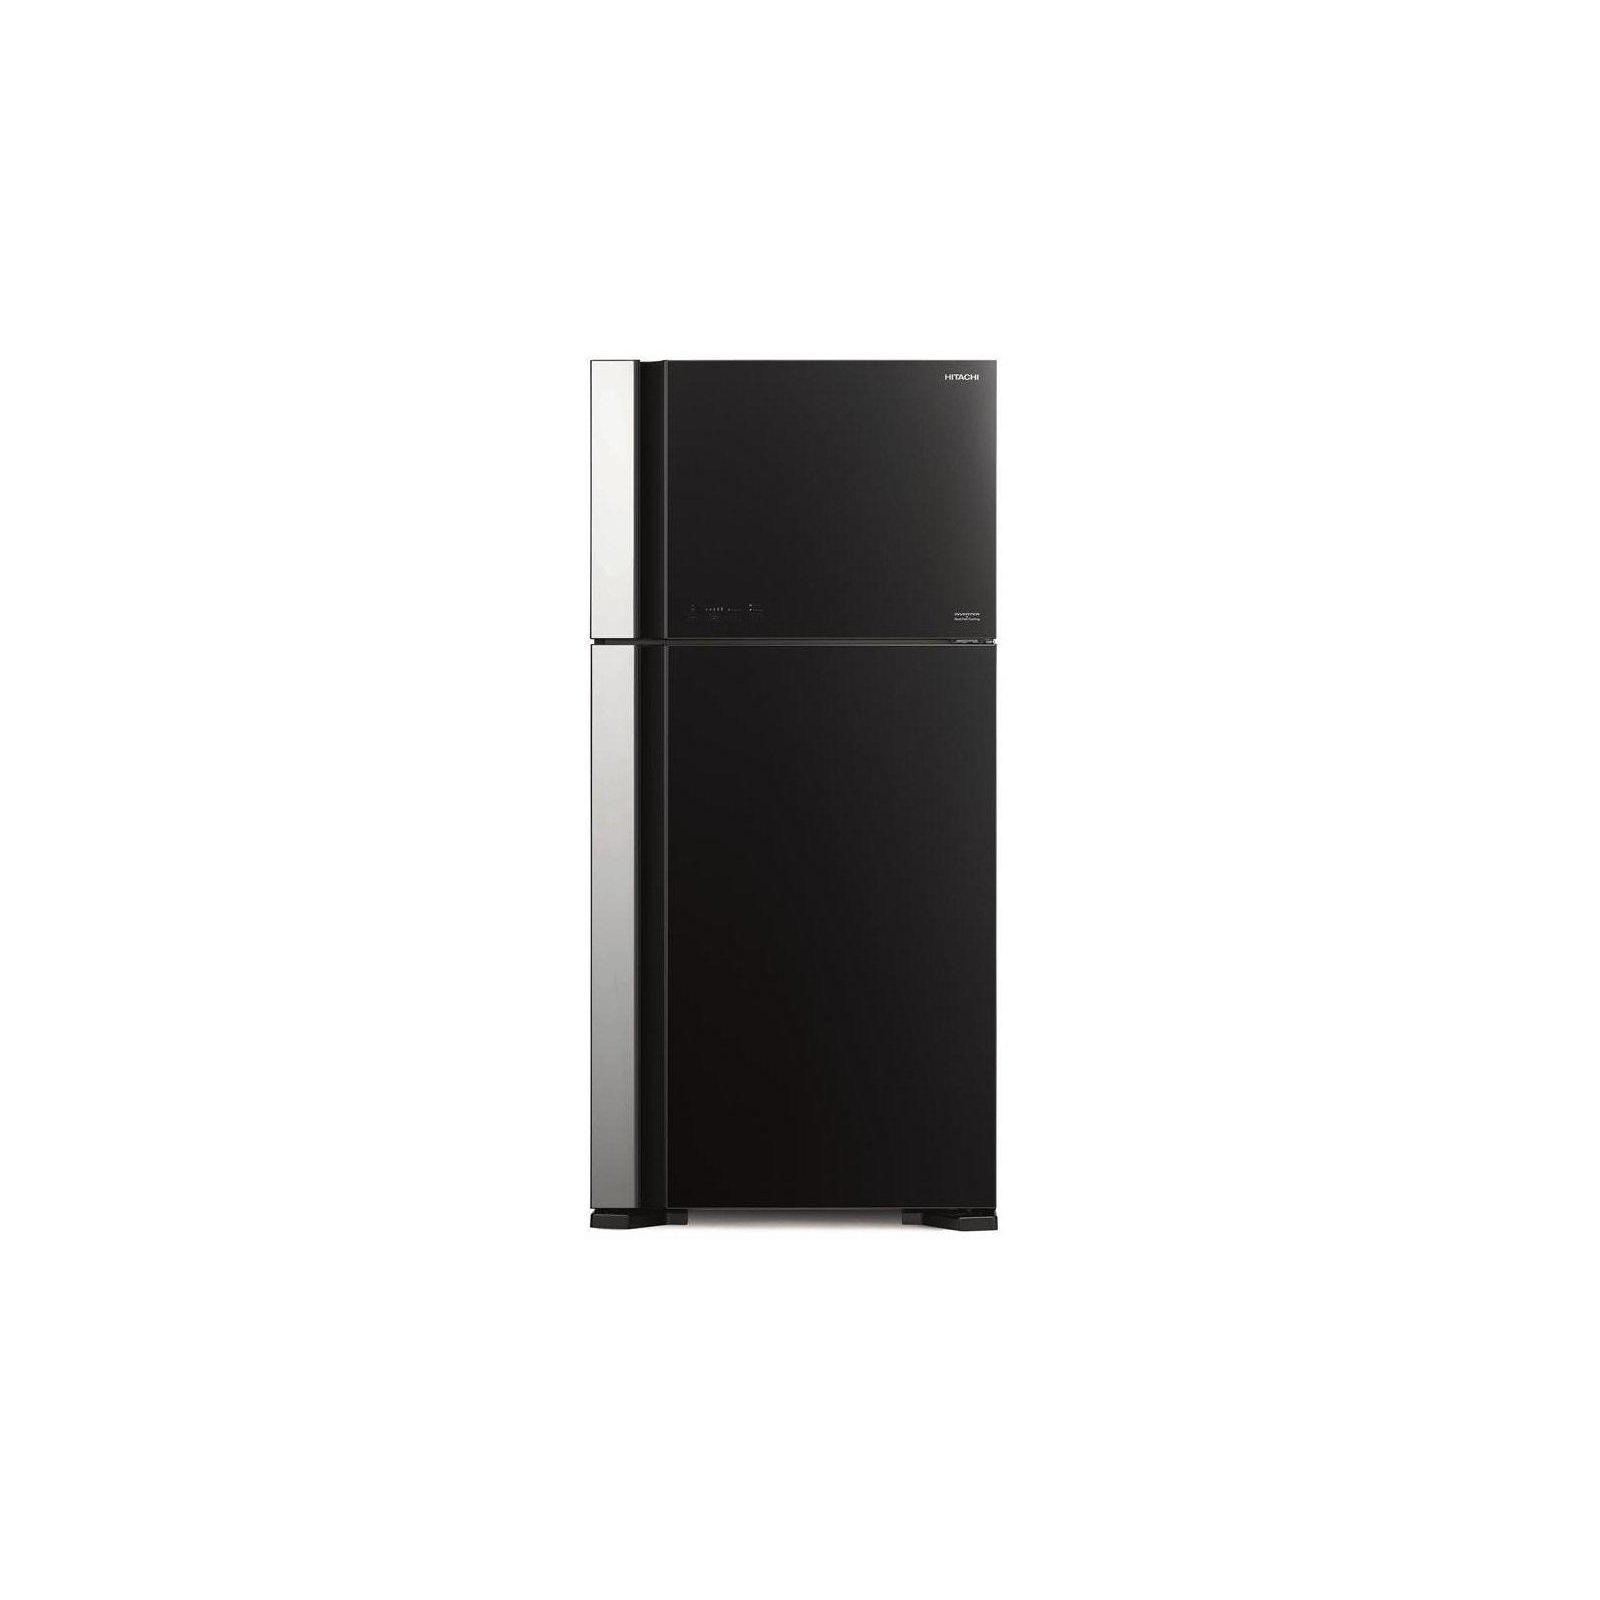 Холодильник Hitachi R-VG610PUC7GBK изображение 2